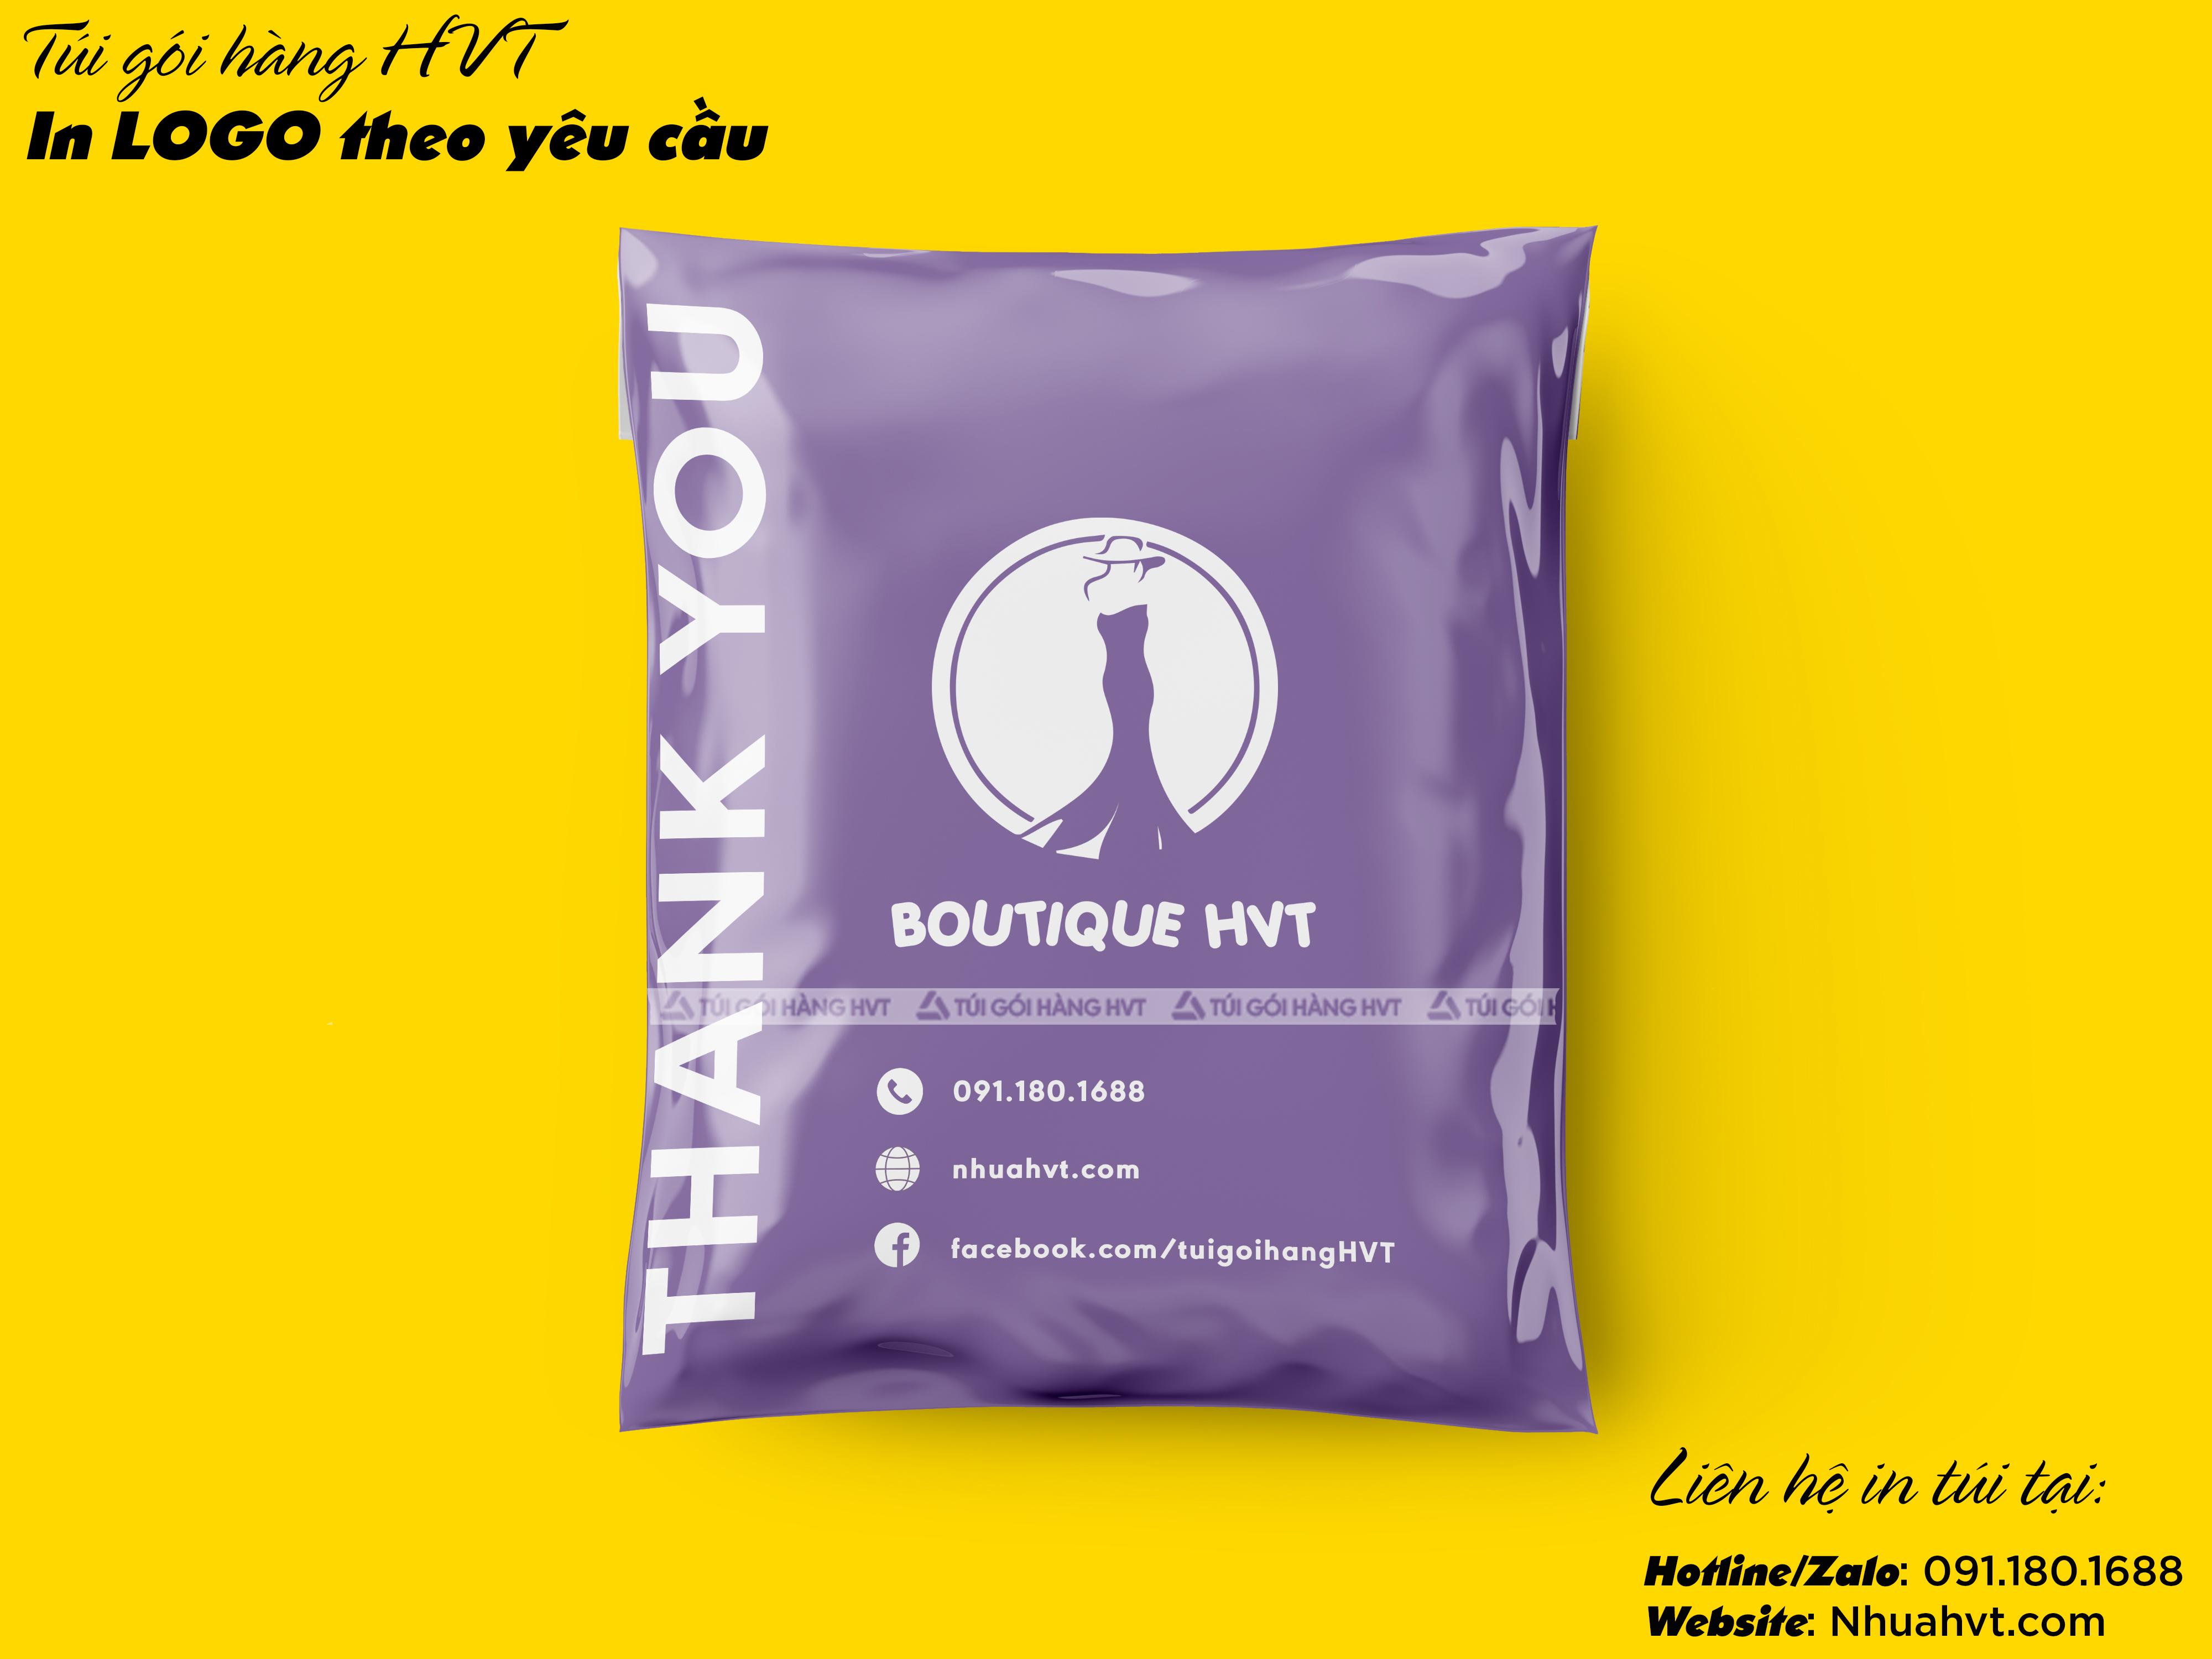 Tạo điểm nhấn với túi gói hàng in logo thương hiệu